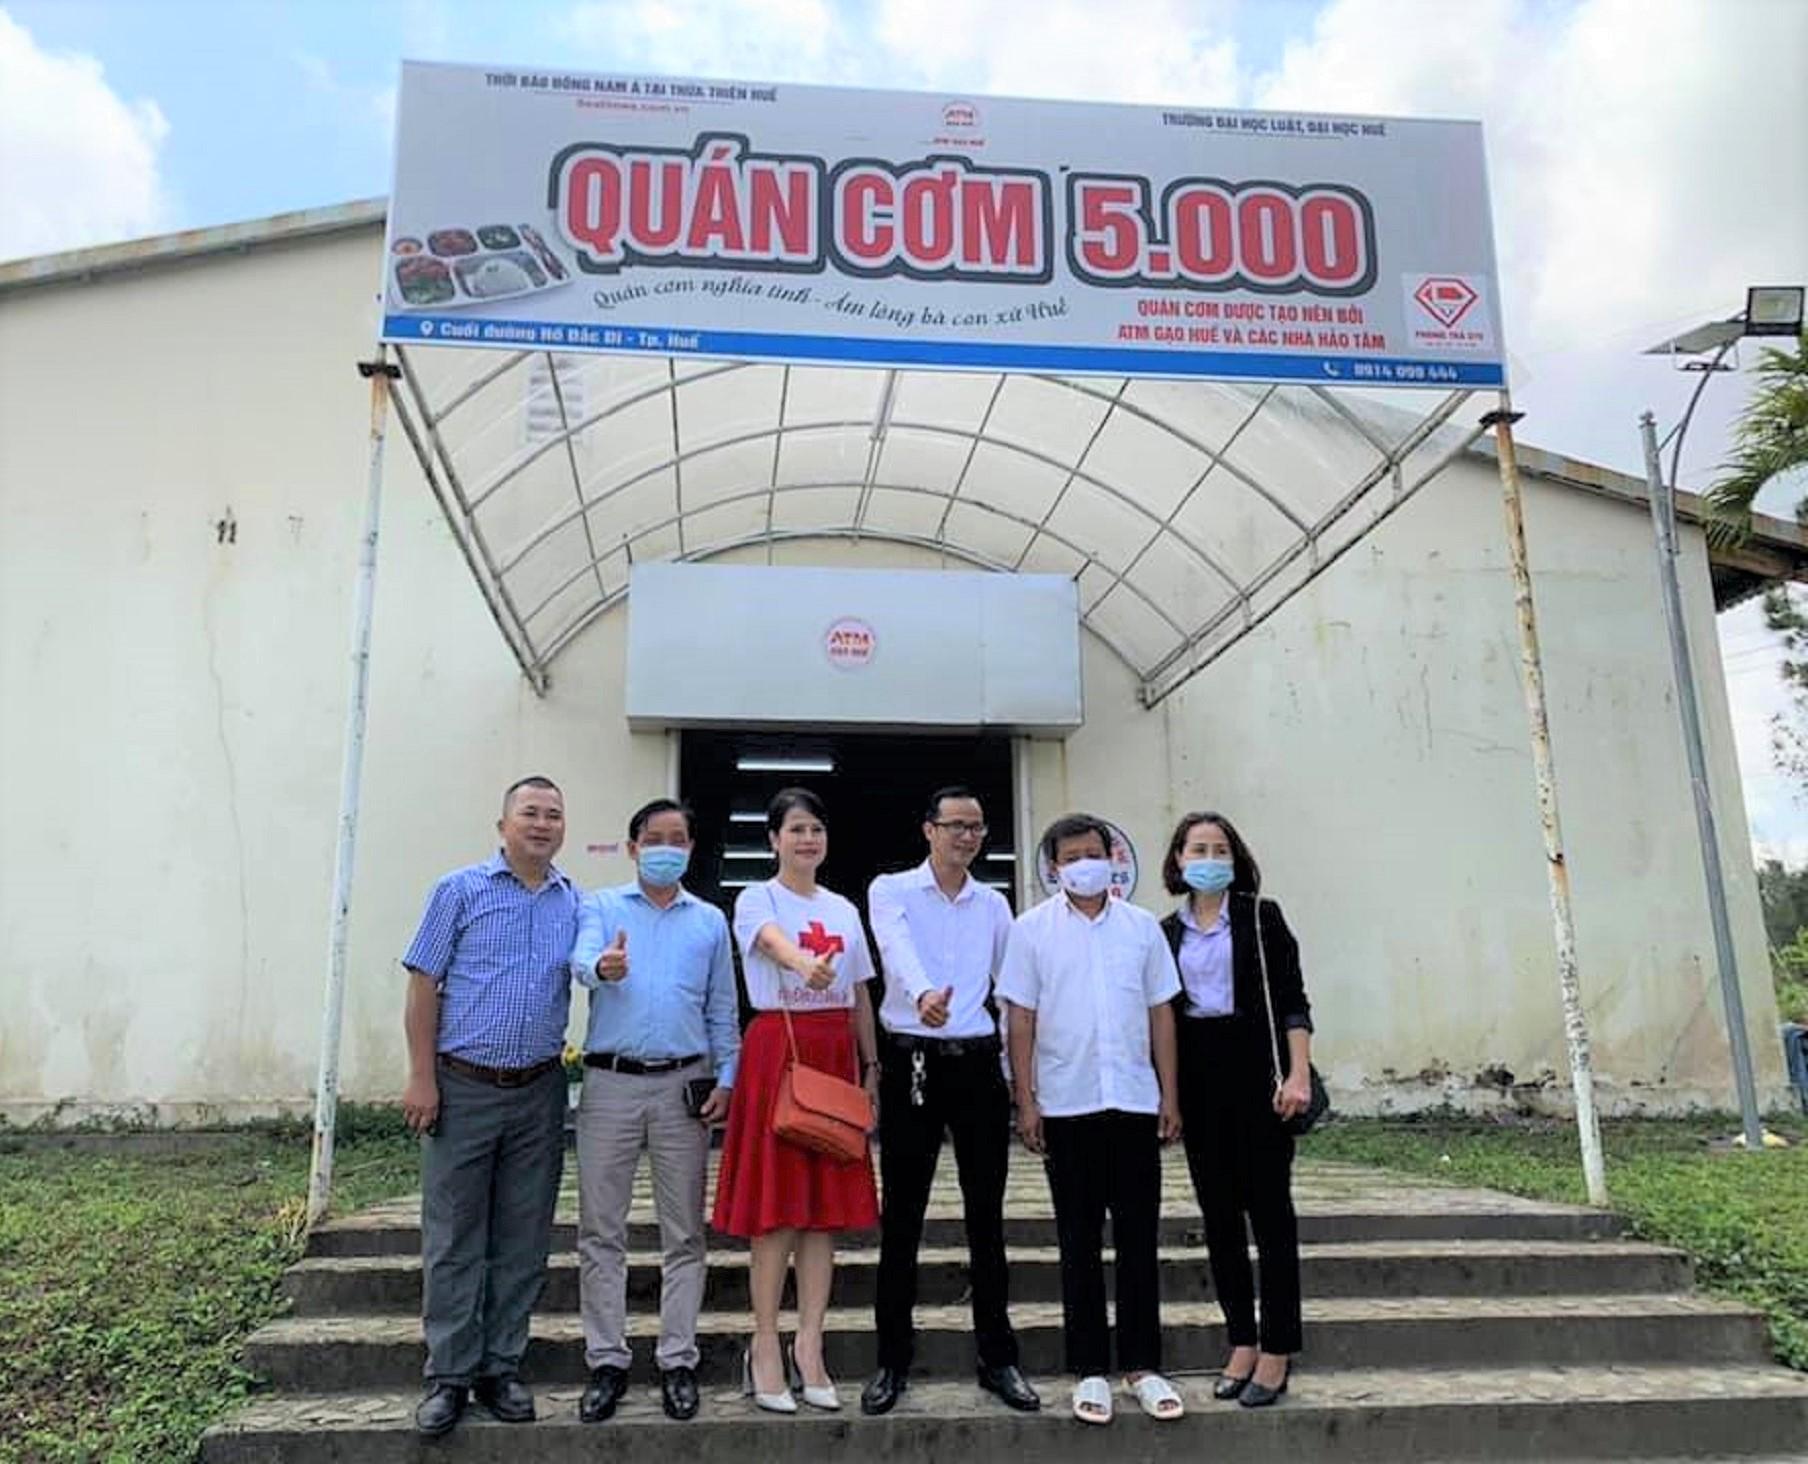 Ông Đoàn Ngọc Hải phục vụ ở quán cơm từ thiện ở Huế hôm 23/2/2021 để nhận 60 triệu đồng xây nhà cho trẻ em vùng núi Hà Giang.